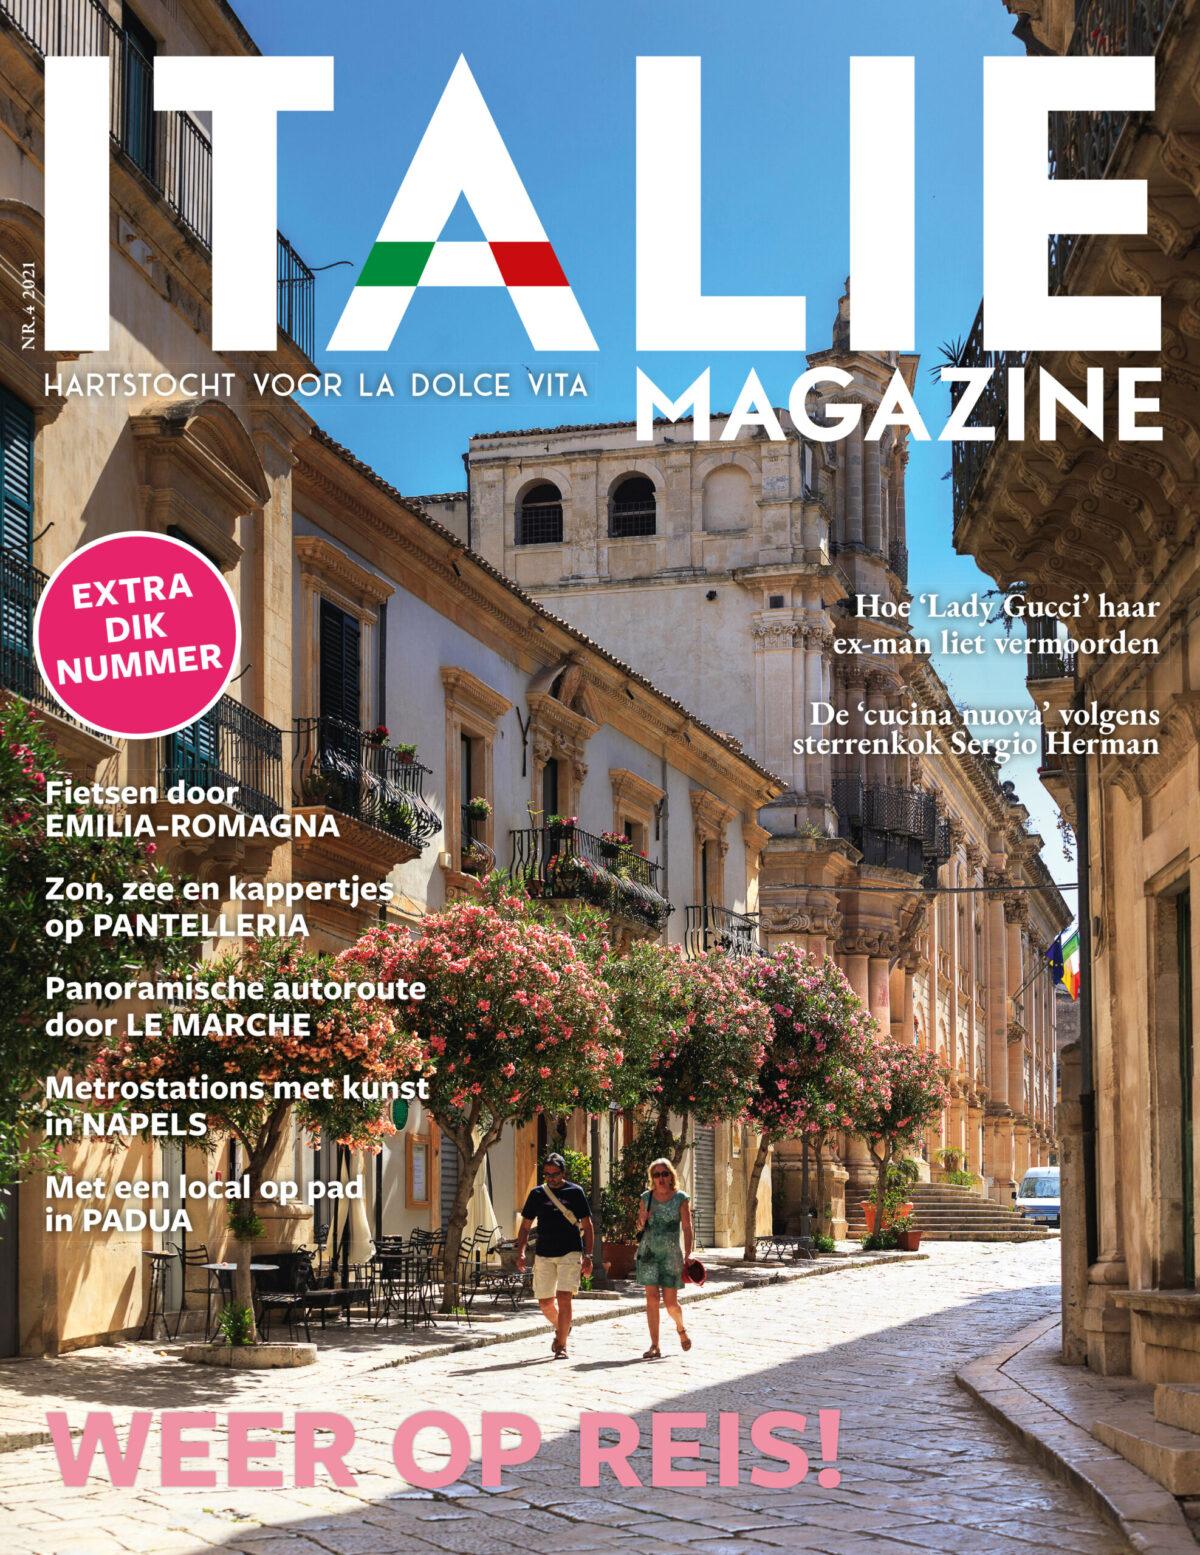 Italië Magazine editie 4/2021